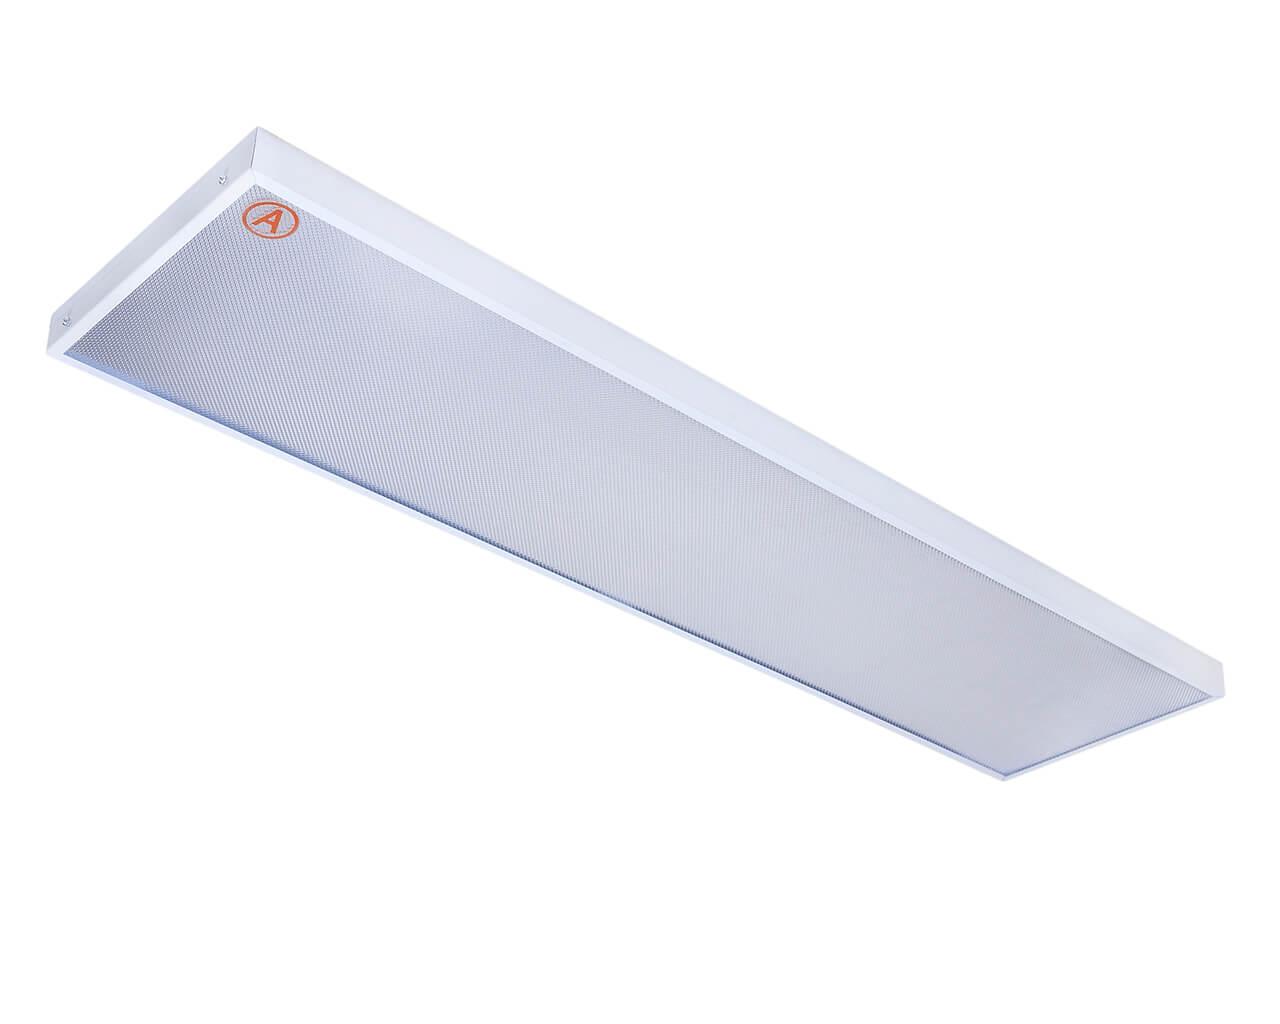 Накладной светильник LC-NSM-40 ватт 1195x295 Теплый белый Призма Бап 3 часа